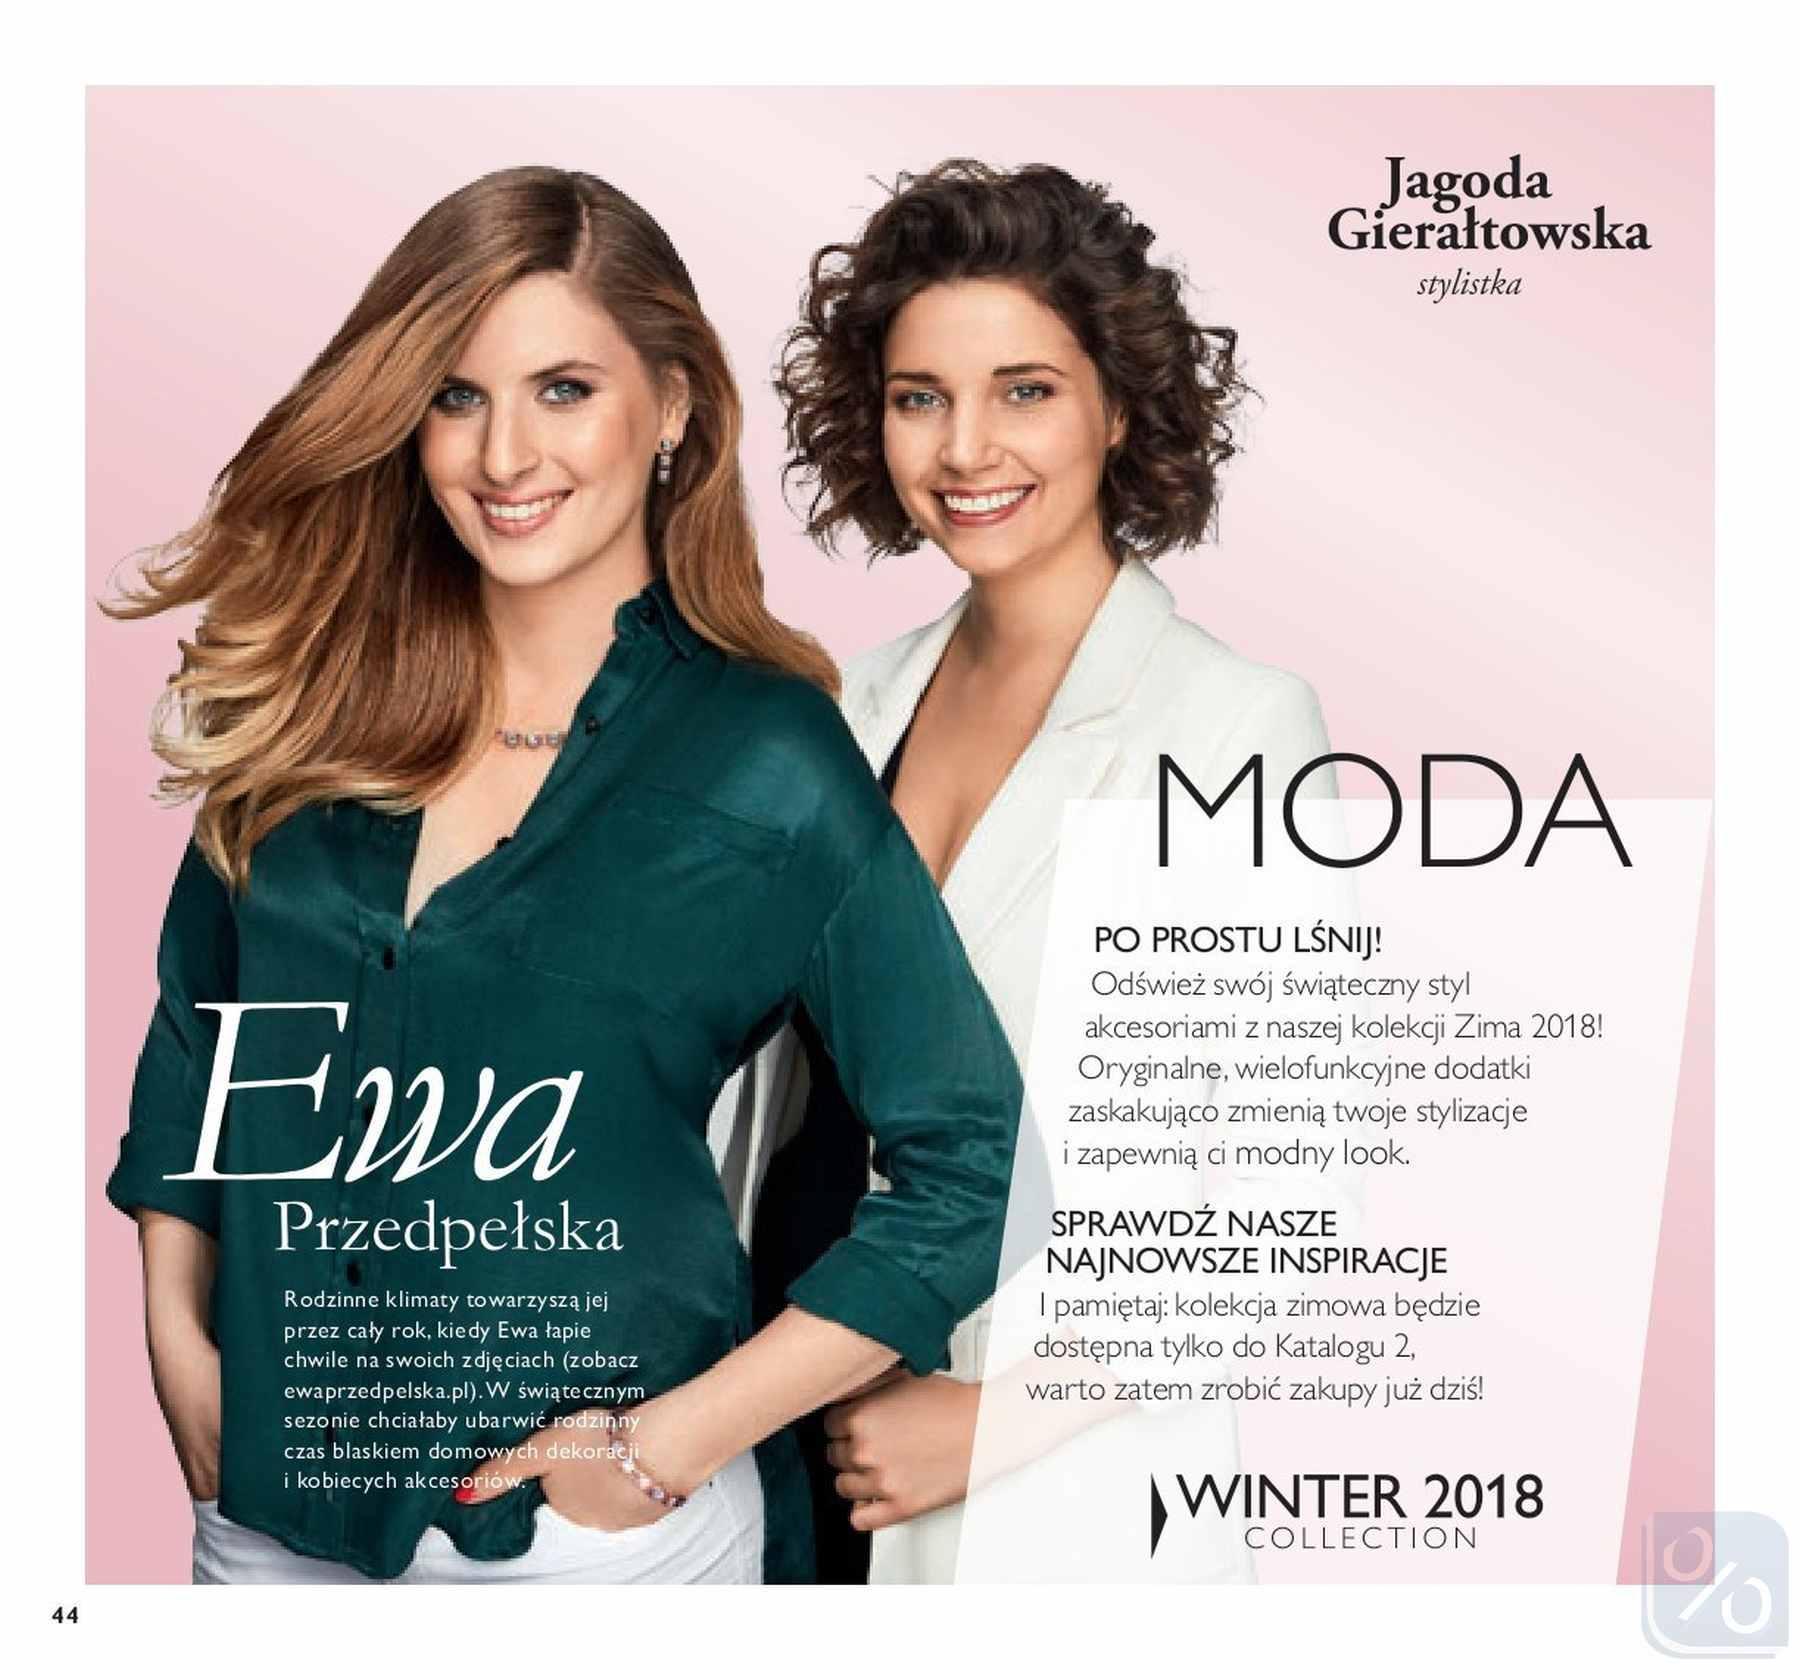 Gazetka promocyjna Oriflame do 17/12/2018 str.127